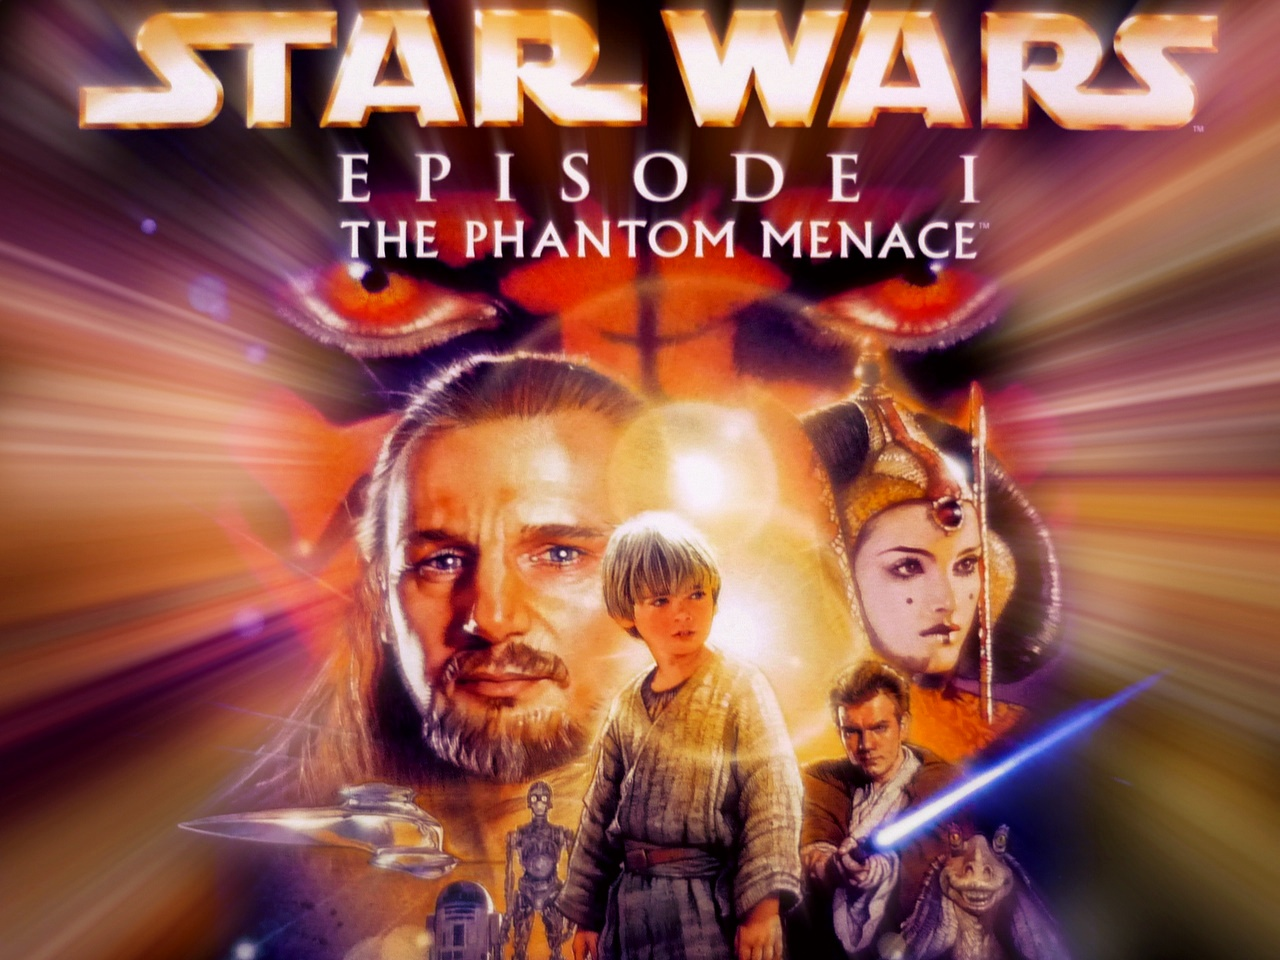 تحميل لعبة حرب النجوم القديمة Star Wars Episode I: The Phantom Menace